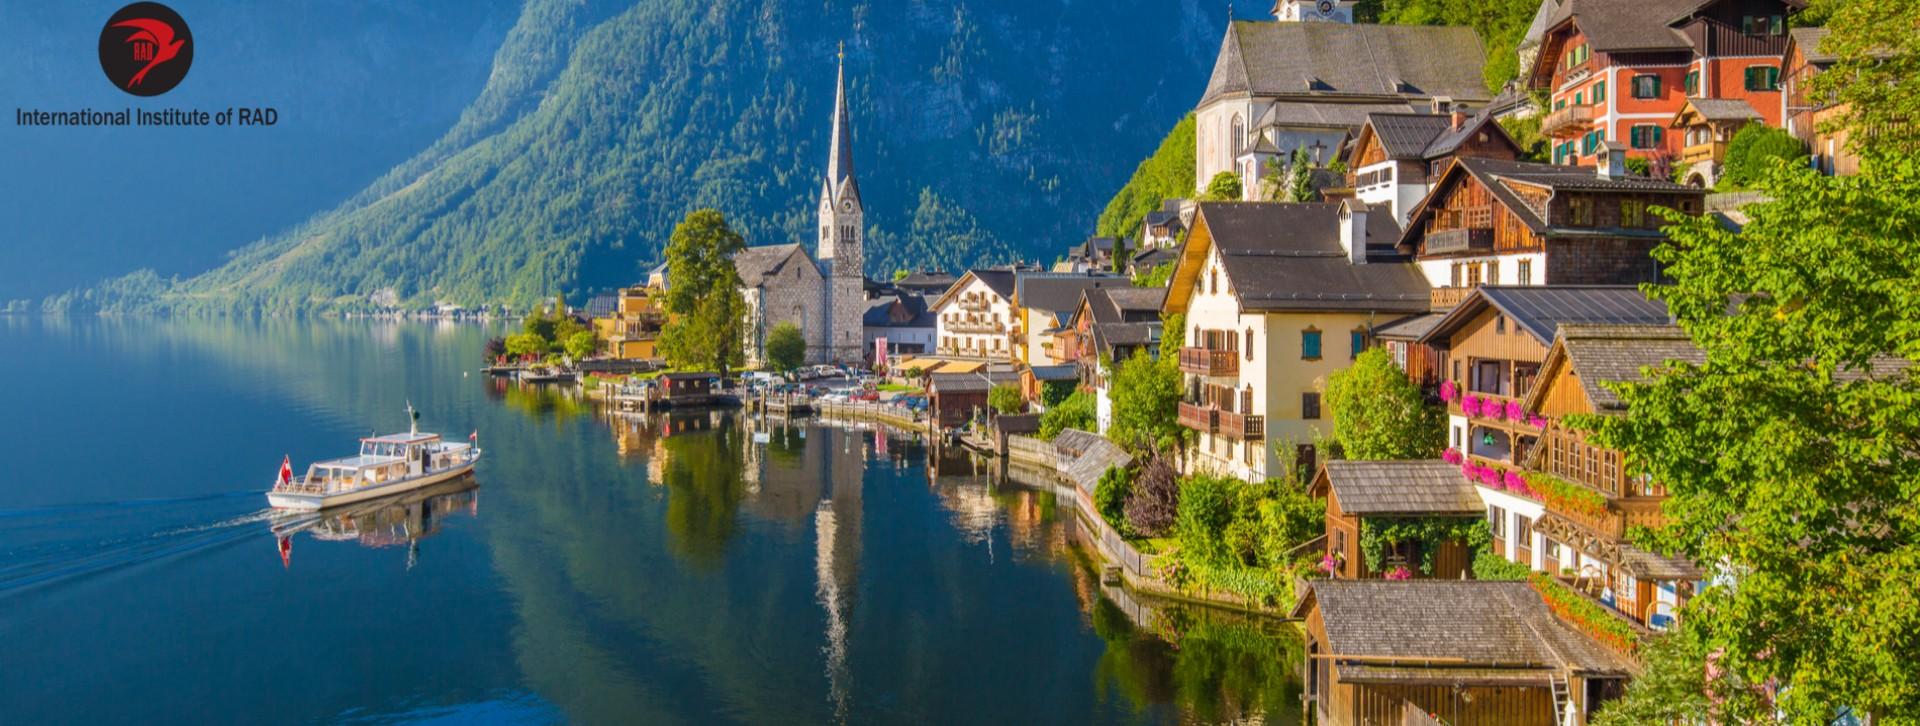 کار دندانپزشکان در اتریش